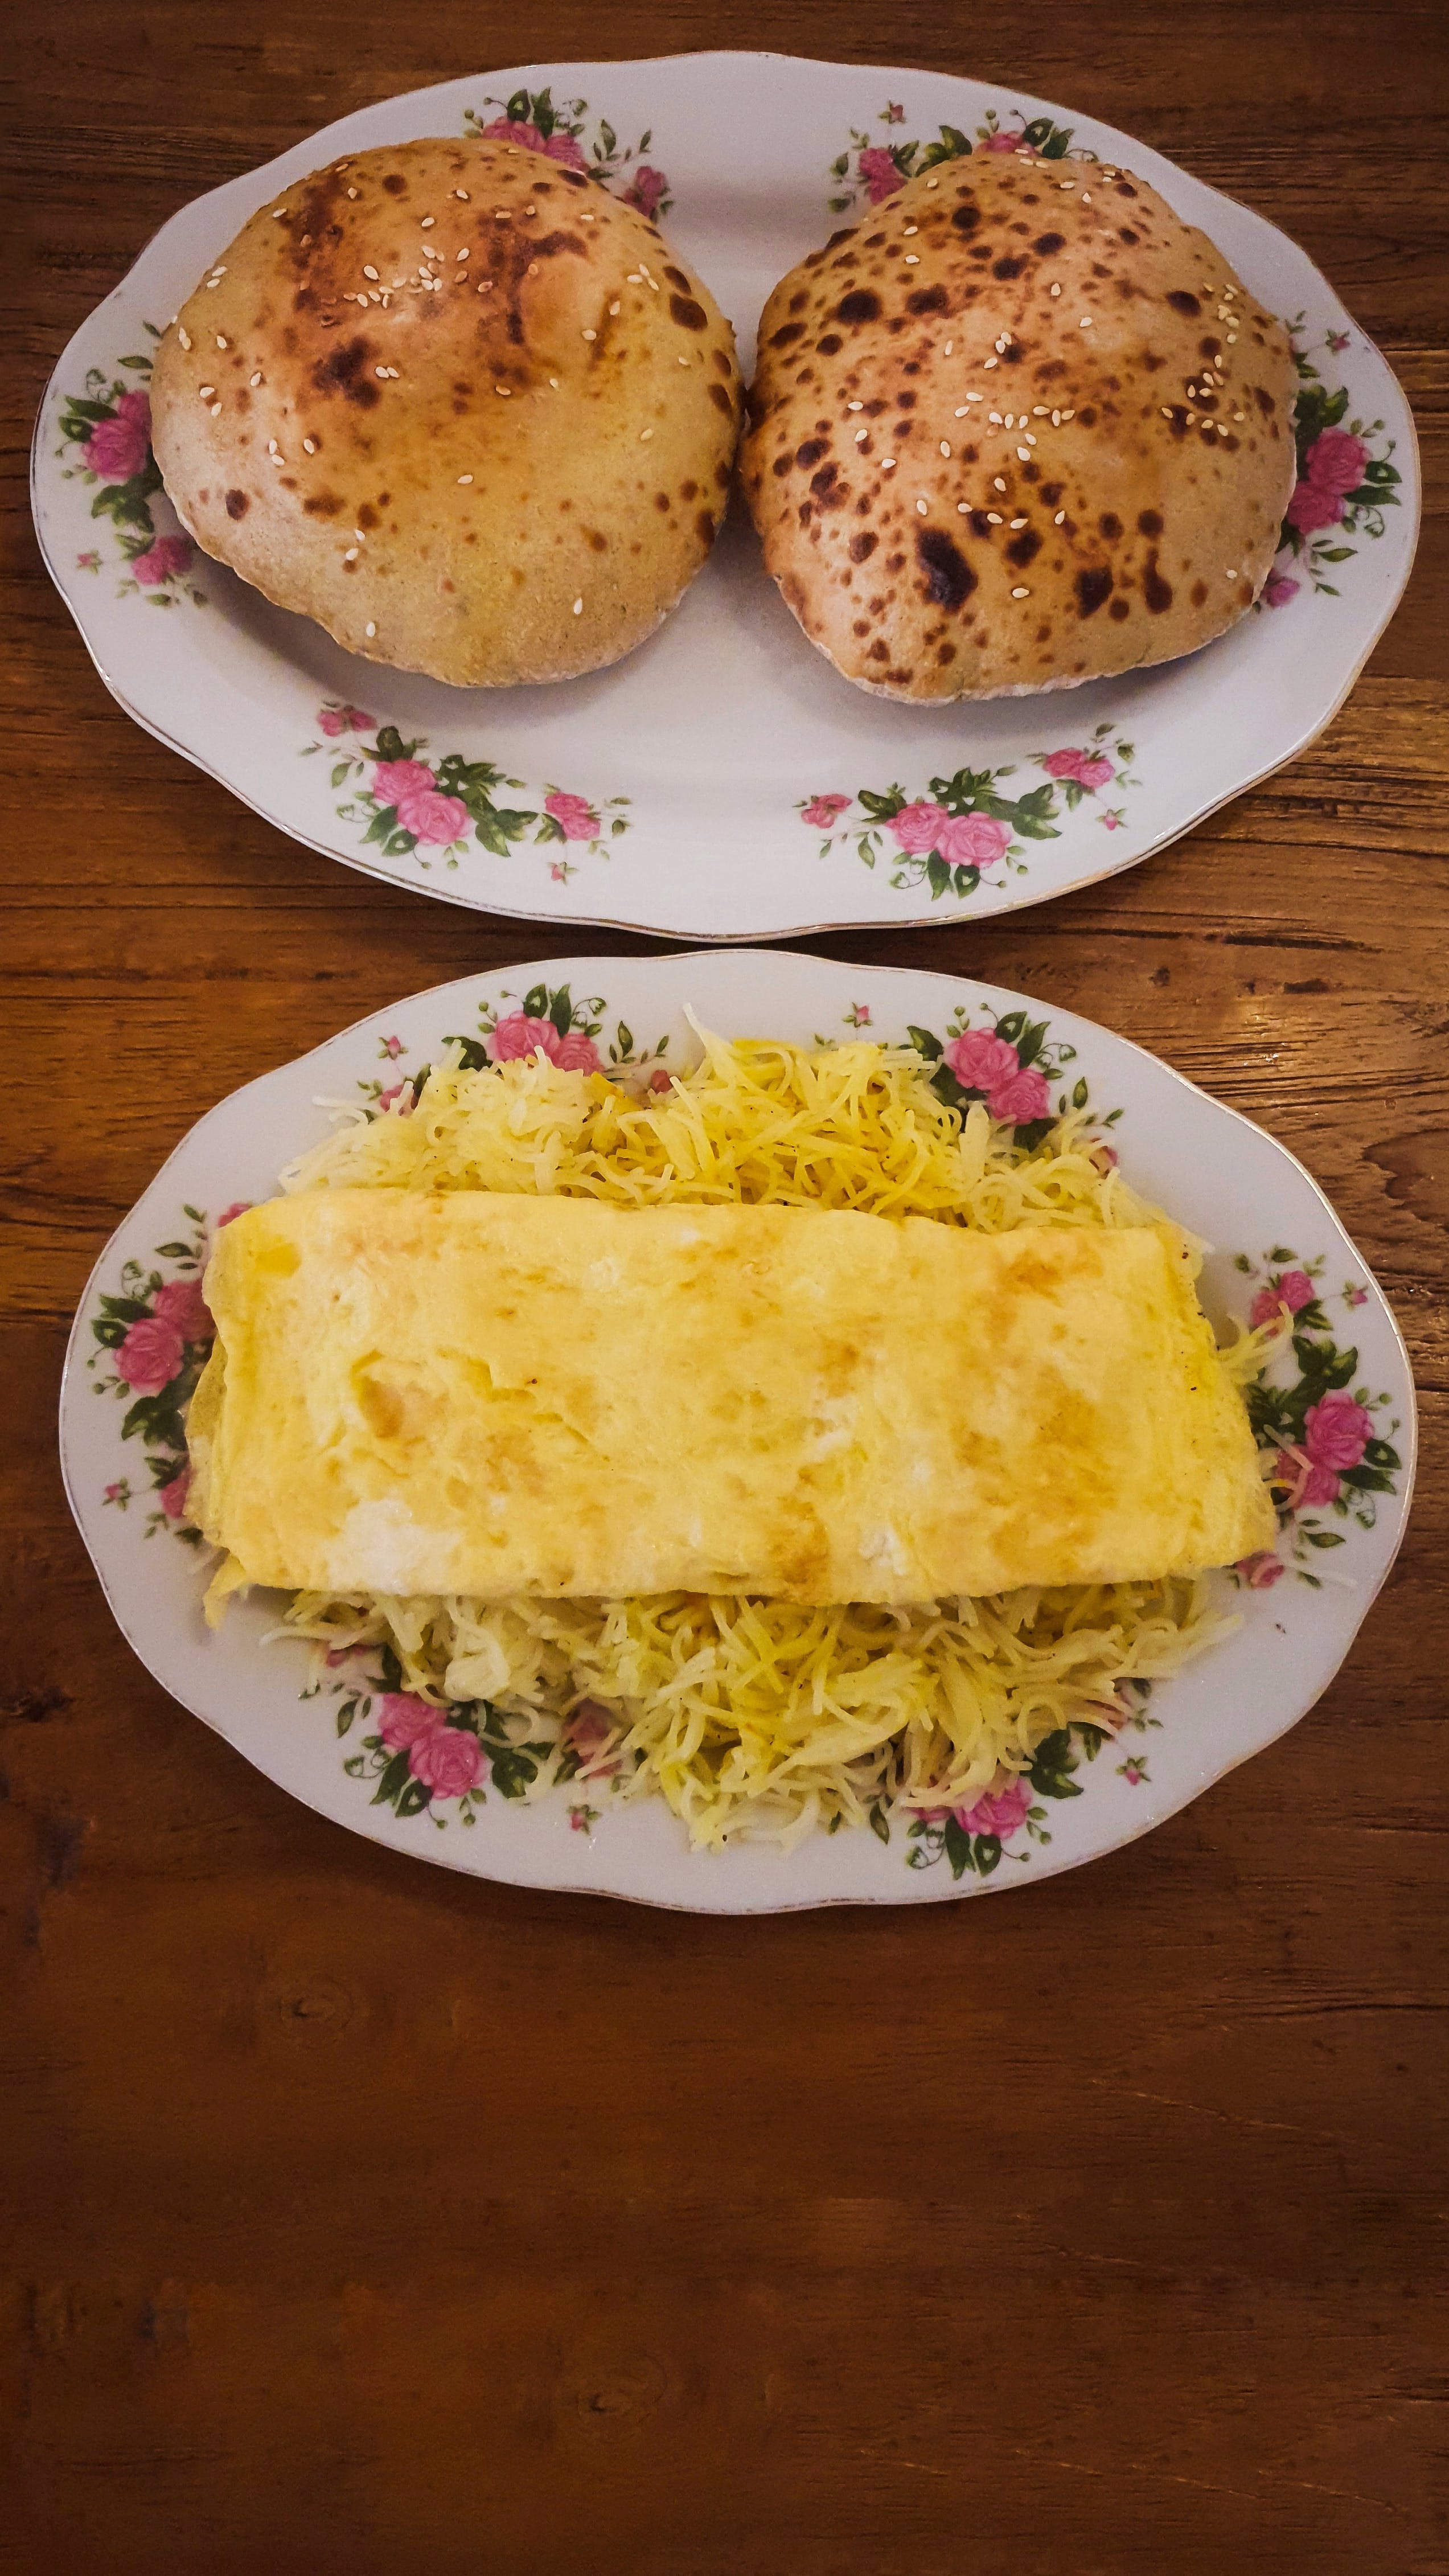 Gratis stockfoto met Arabisch, emiraten, levensmiddelen, lokaal voedsel